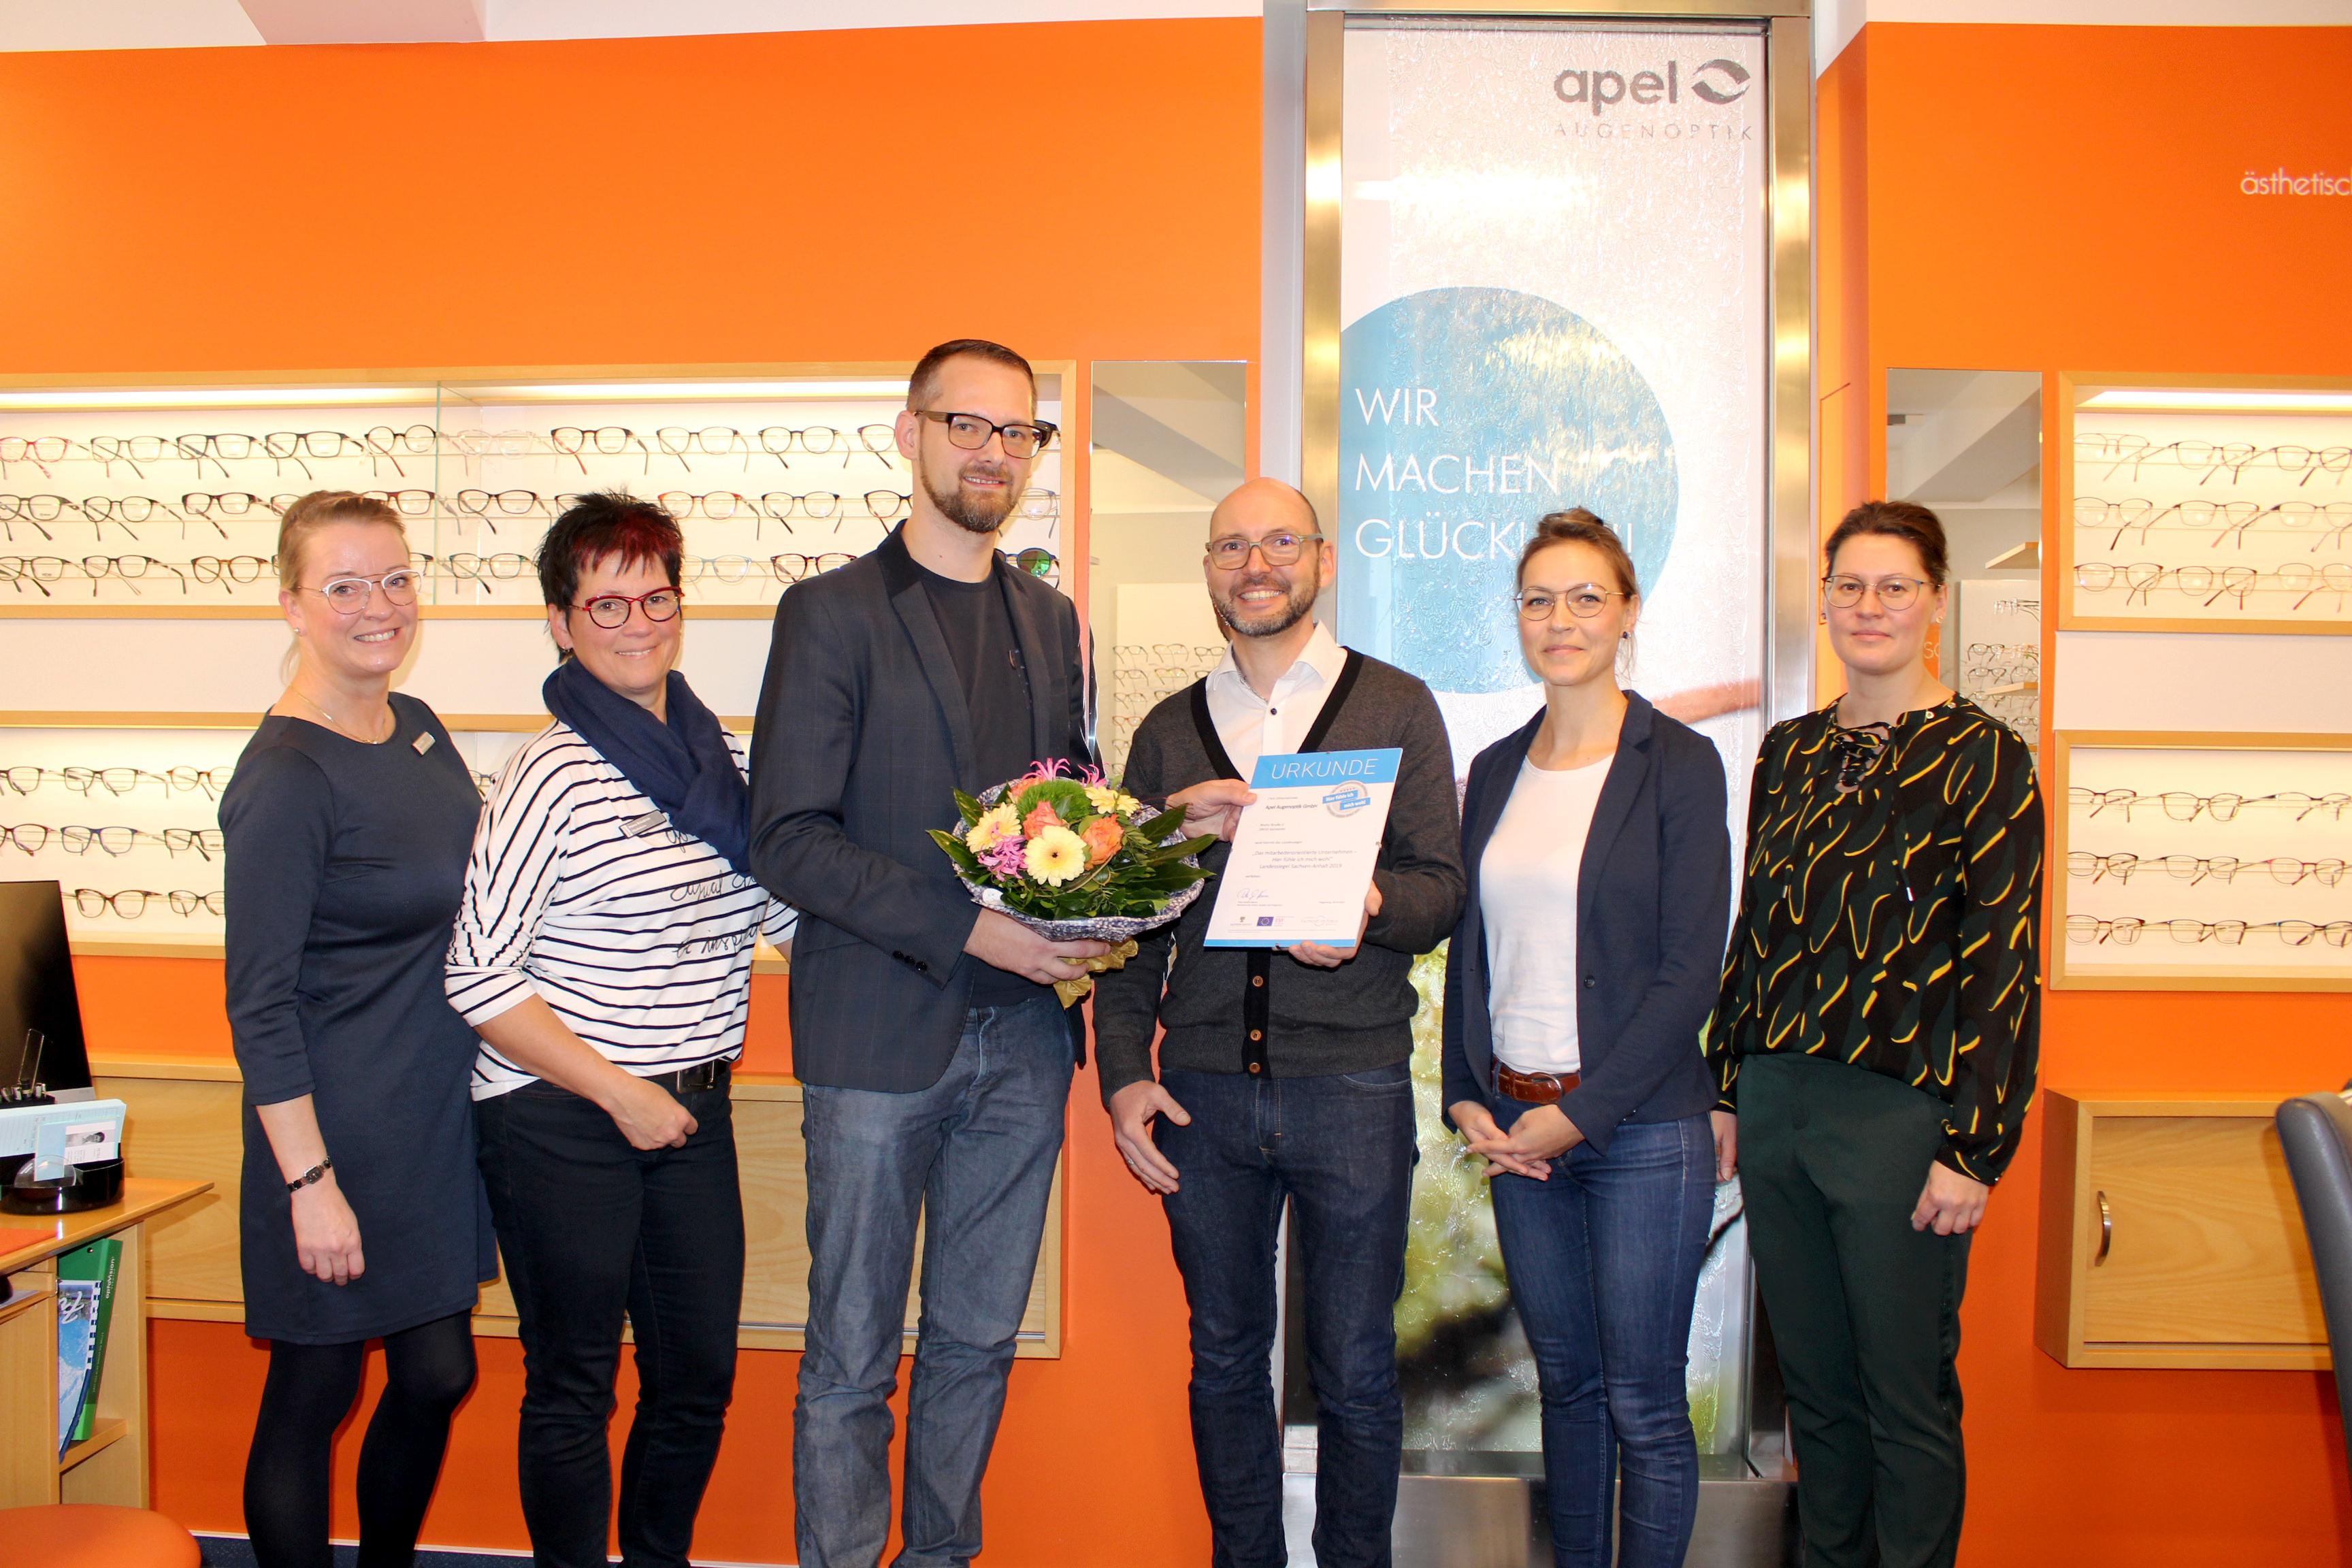 Das Team von Apel Augenoptik, 4 Frauen und ein Mann stehen vor einem Regal mit Brillen. Der Mann in der Mitte bekommt die Urkunde und einen Blumenstrauß durch Heiko Wisny der Landesinitiative überreicht.